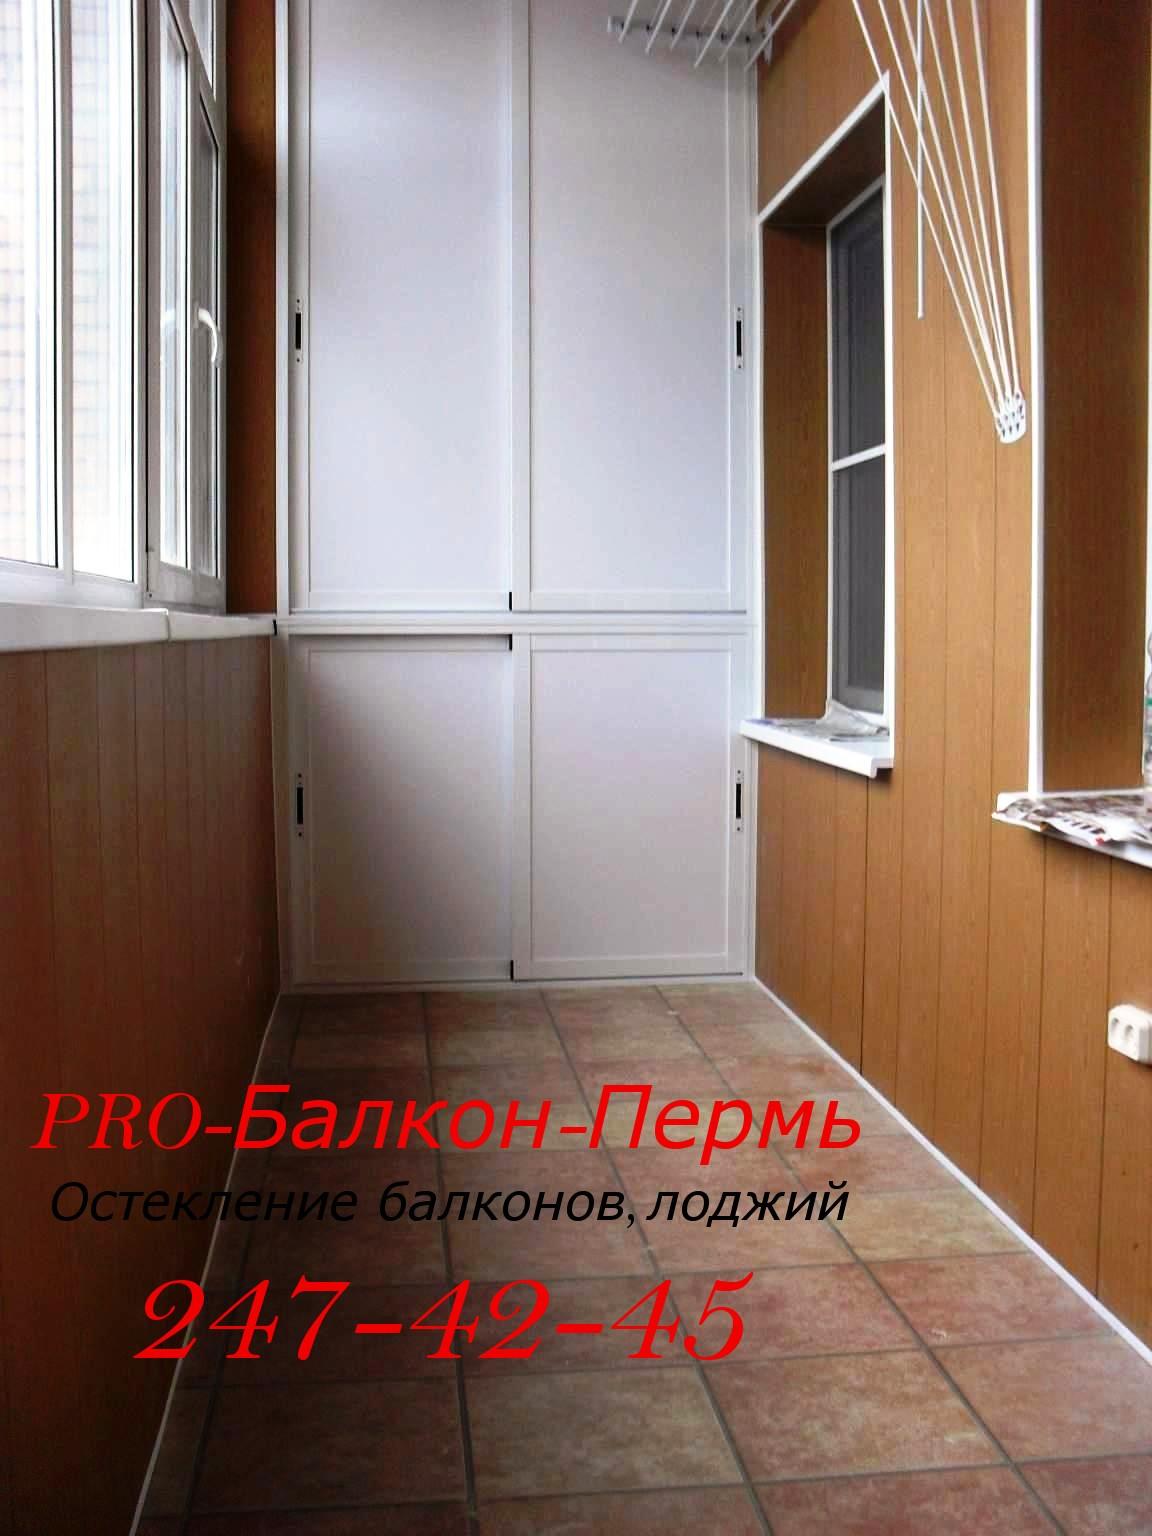 Остекление балконов пермь - pro - балкон - пермь.